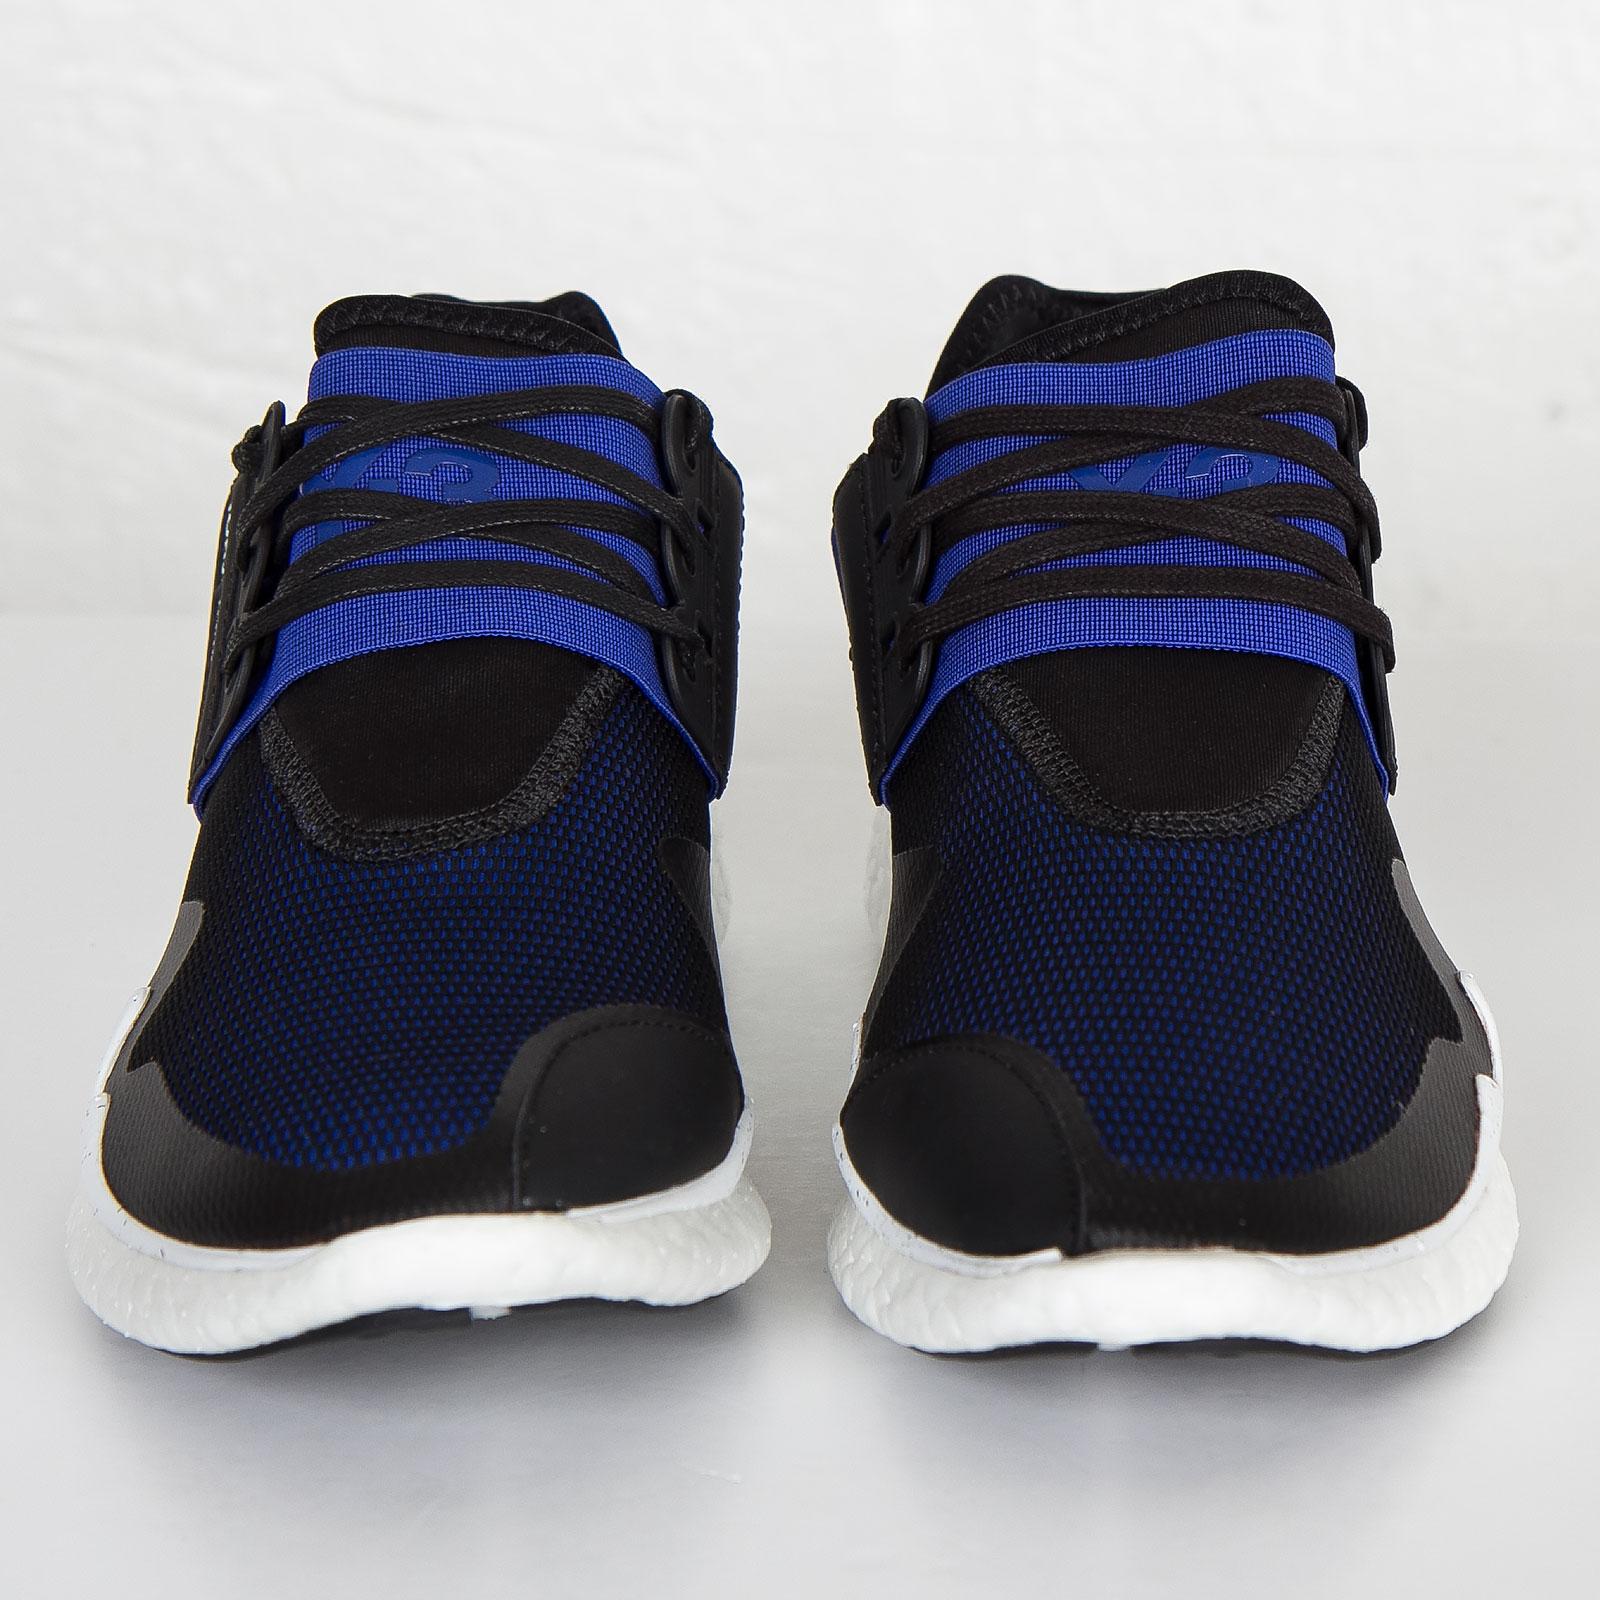 0d001d571df00 adidas Y-3 Retro Boost - Aq5494 - Sneakersnstuff